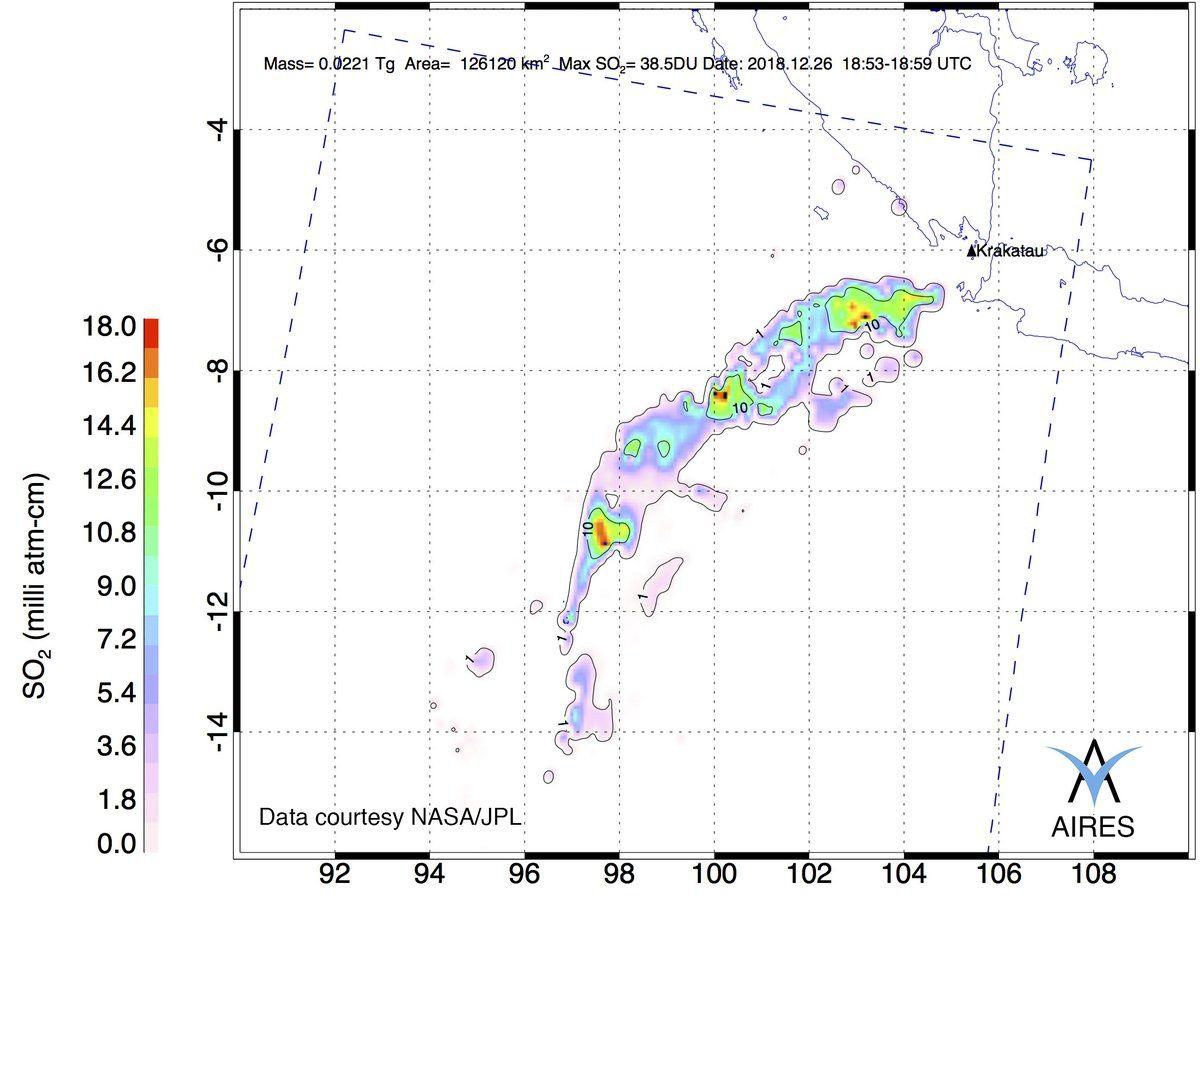 Anak Krakatau - Flux de dioxyde de soufre le 27.12.2018 à 6h locale (26.12 / 19h UT) – Doc AIRES – Masse totale de SO2 estimée à 0,022 Tg par S.Carn